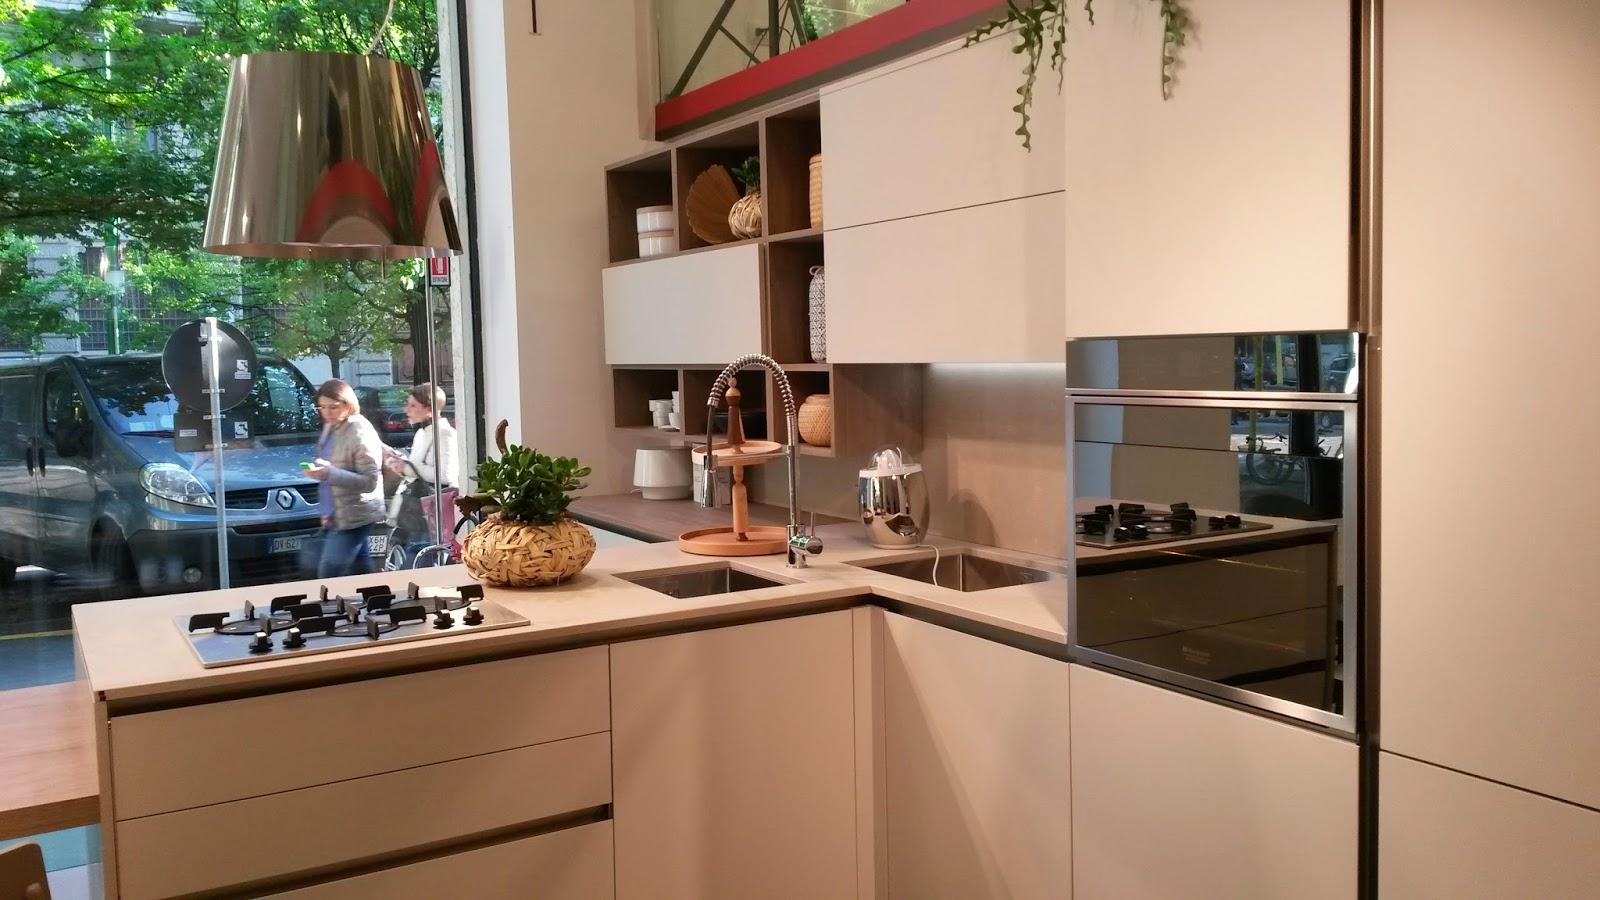 cucina modello Oyster veneta cucine